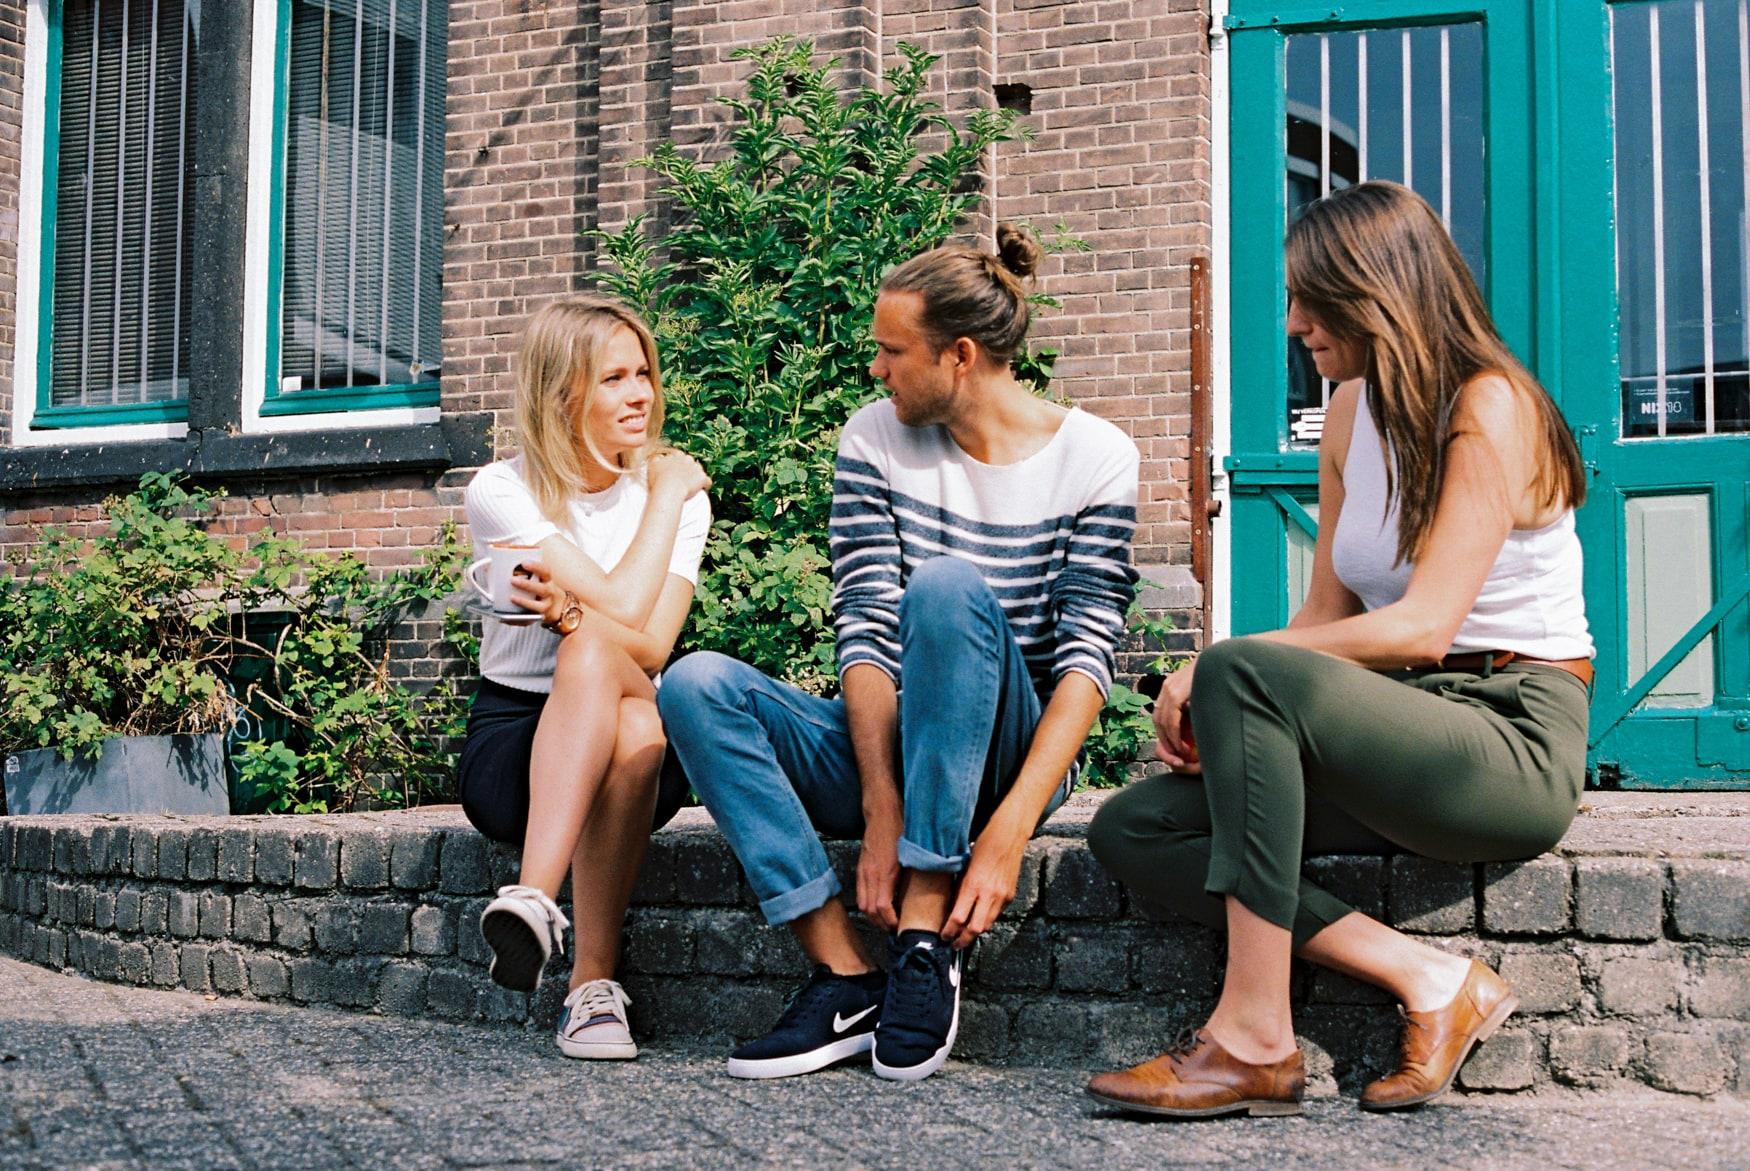 Zwei Frauen sitzen neben einem Mann draußen auf einer kleinen Mauer.